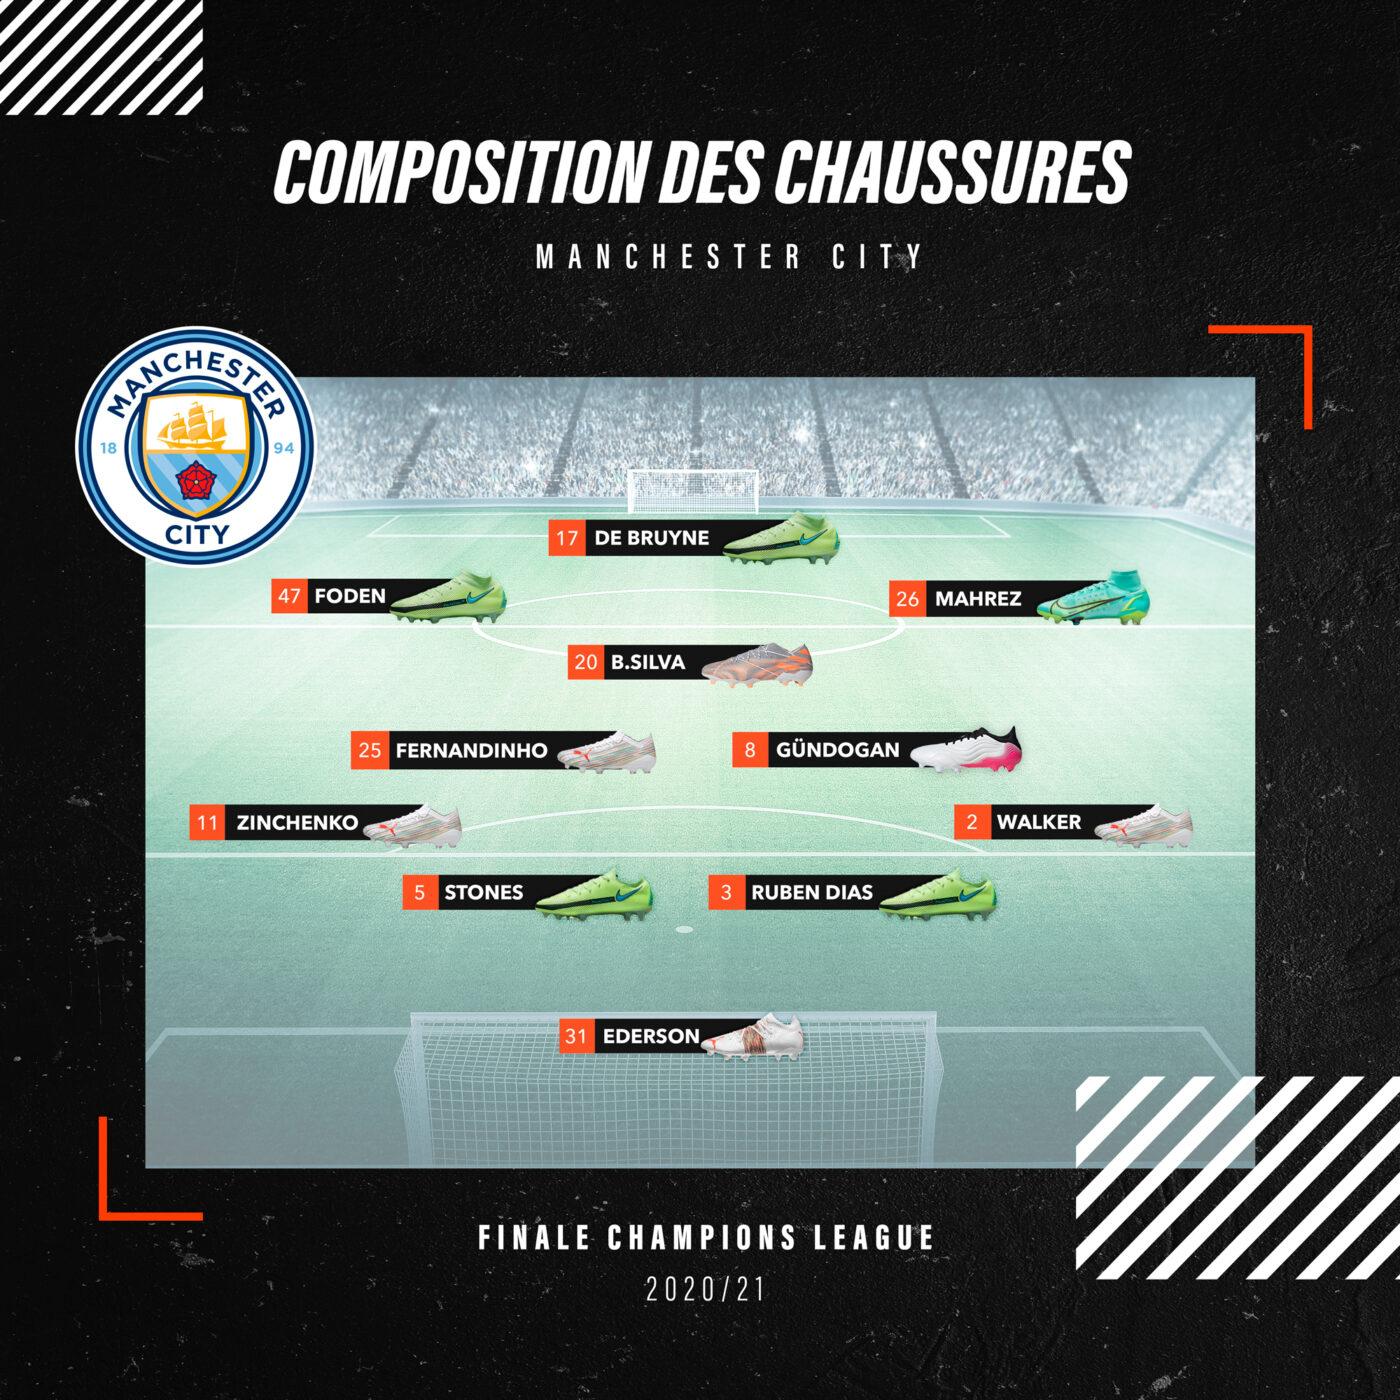 Compo Manchester City Finale Champions League